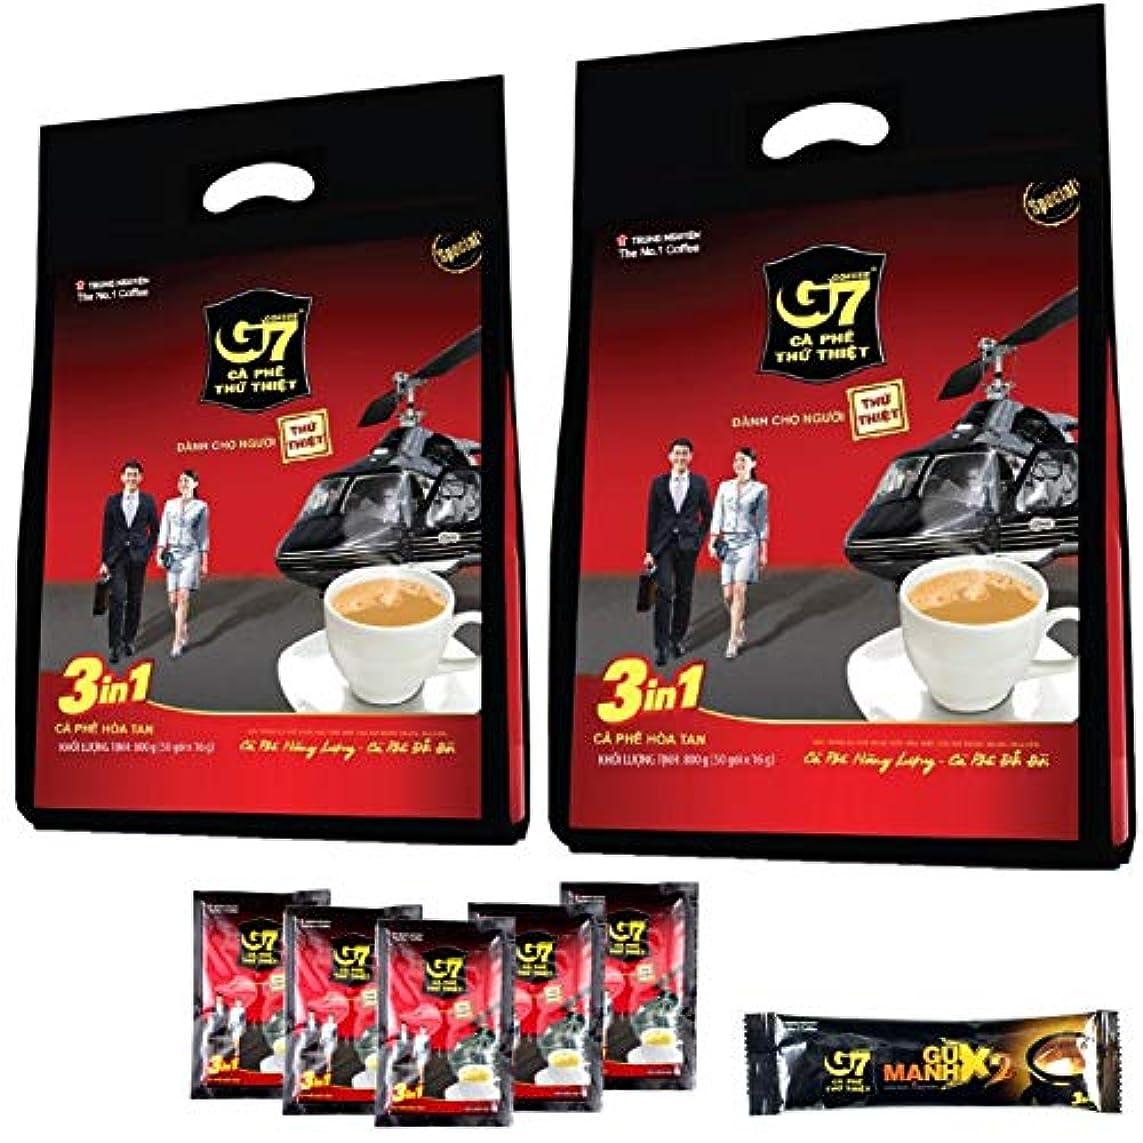 懇願する路地でも【ベトナム直輸入】TRUNG NGUYEN G7 3in1 ベトナムコーヒー 16g*50袋入り 2個(計100袋) & 濃厚 G7 X2 25g*1袋 カフェオレ 飲み比べ セット